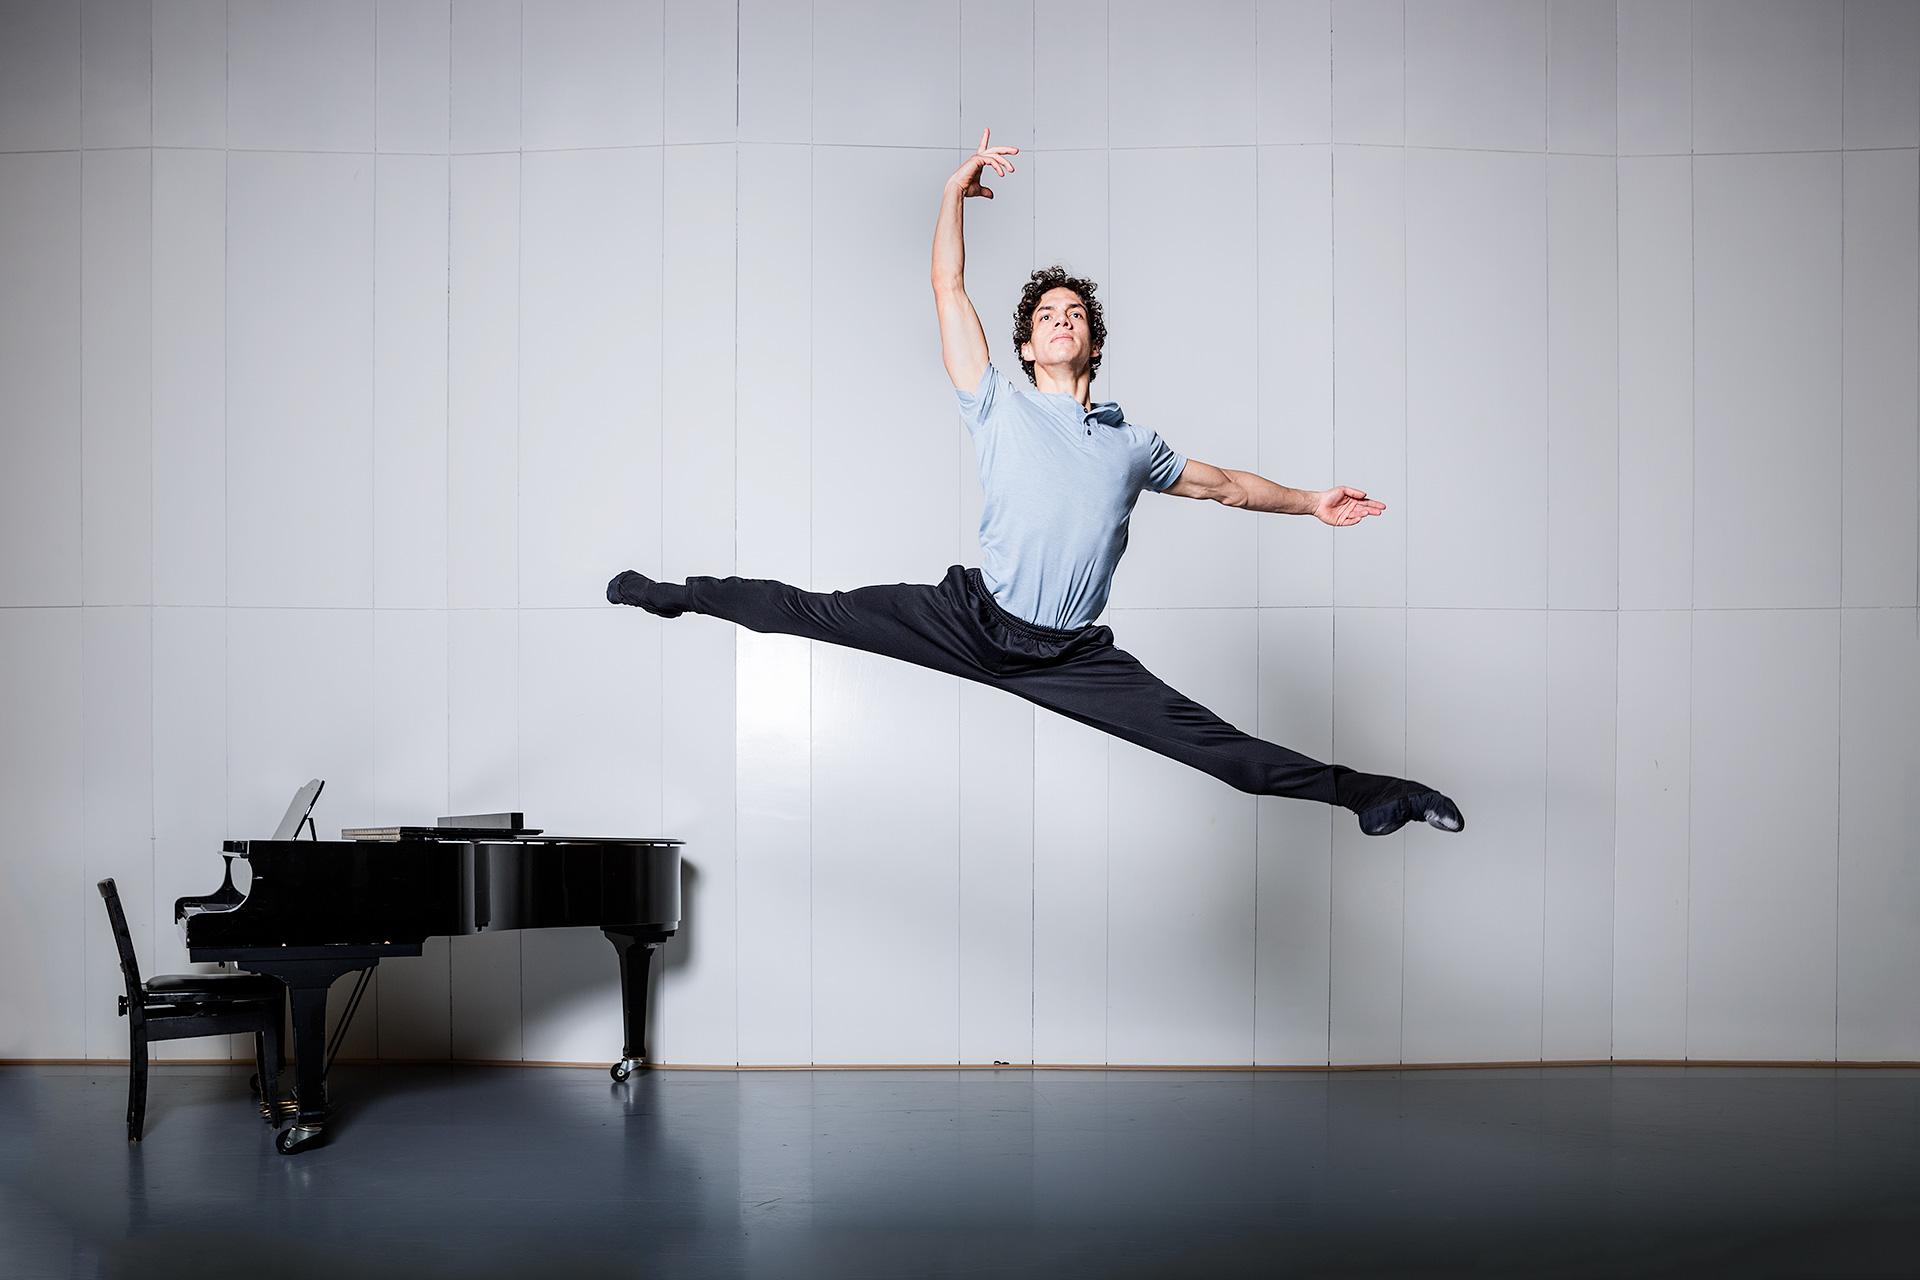 Ballet dancer Isaac Hernandez, Dutch National Ballet, Amsterdam